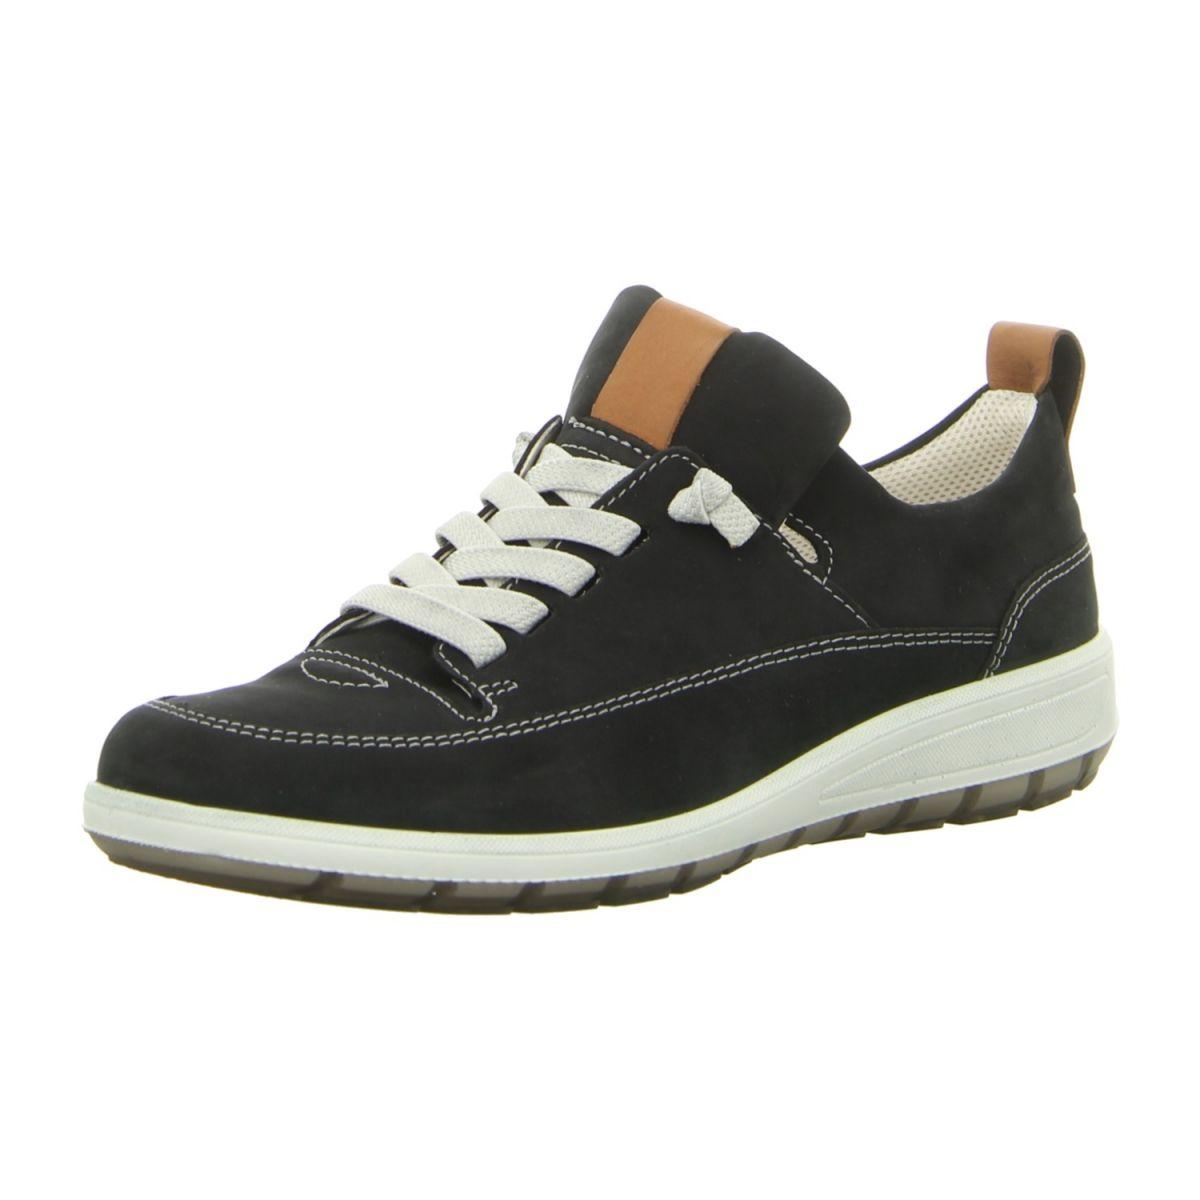 NEU: Ara Schnürer Sneaker Tokio 12 39879 06 blau,saddle